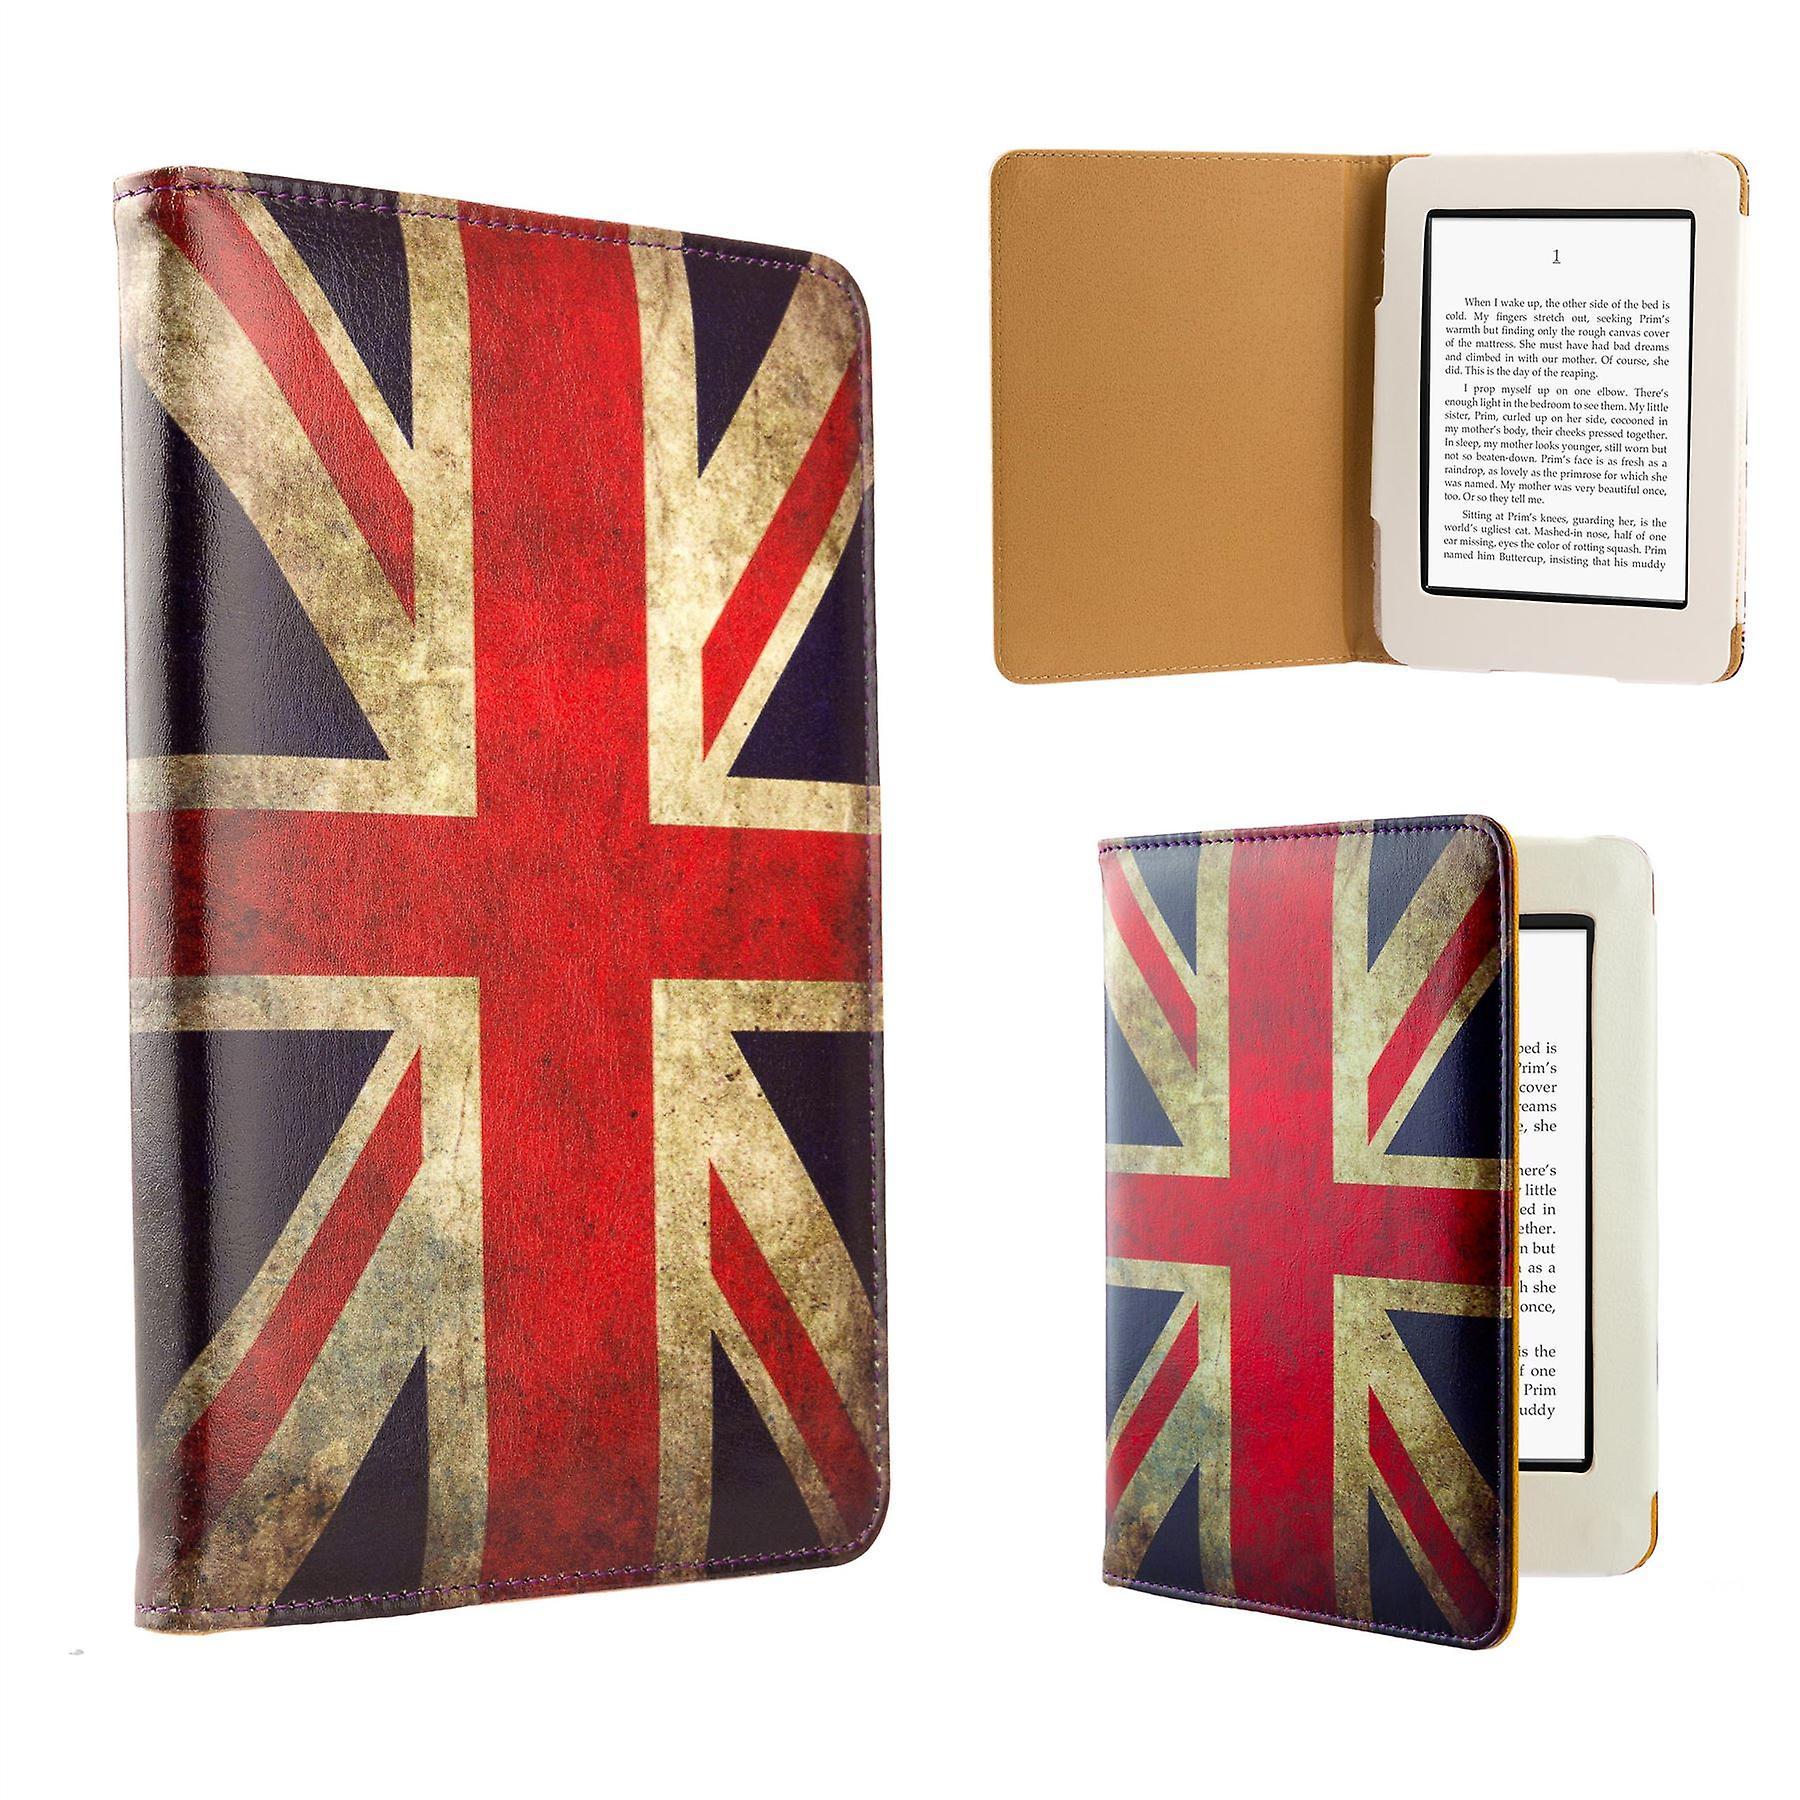 Design book case cover for Amazon Paperwhite E-Reader - Union Jack